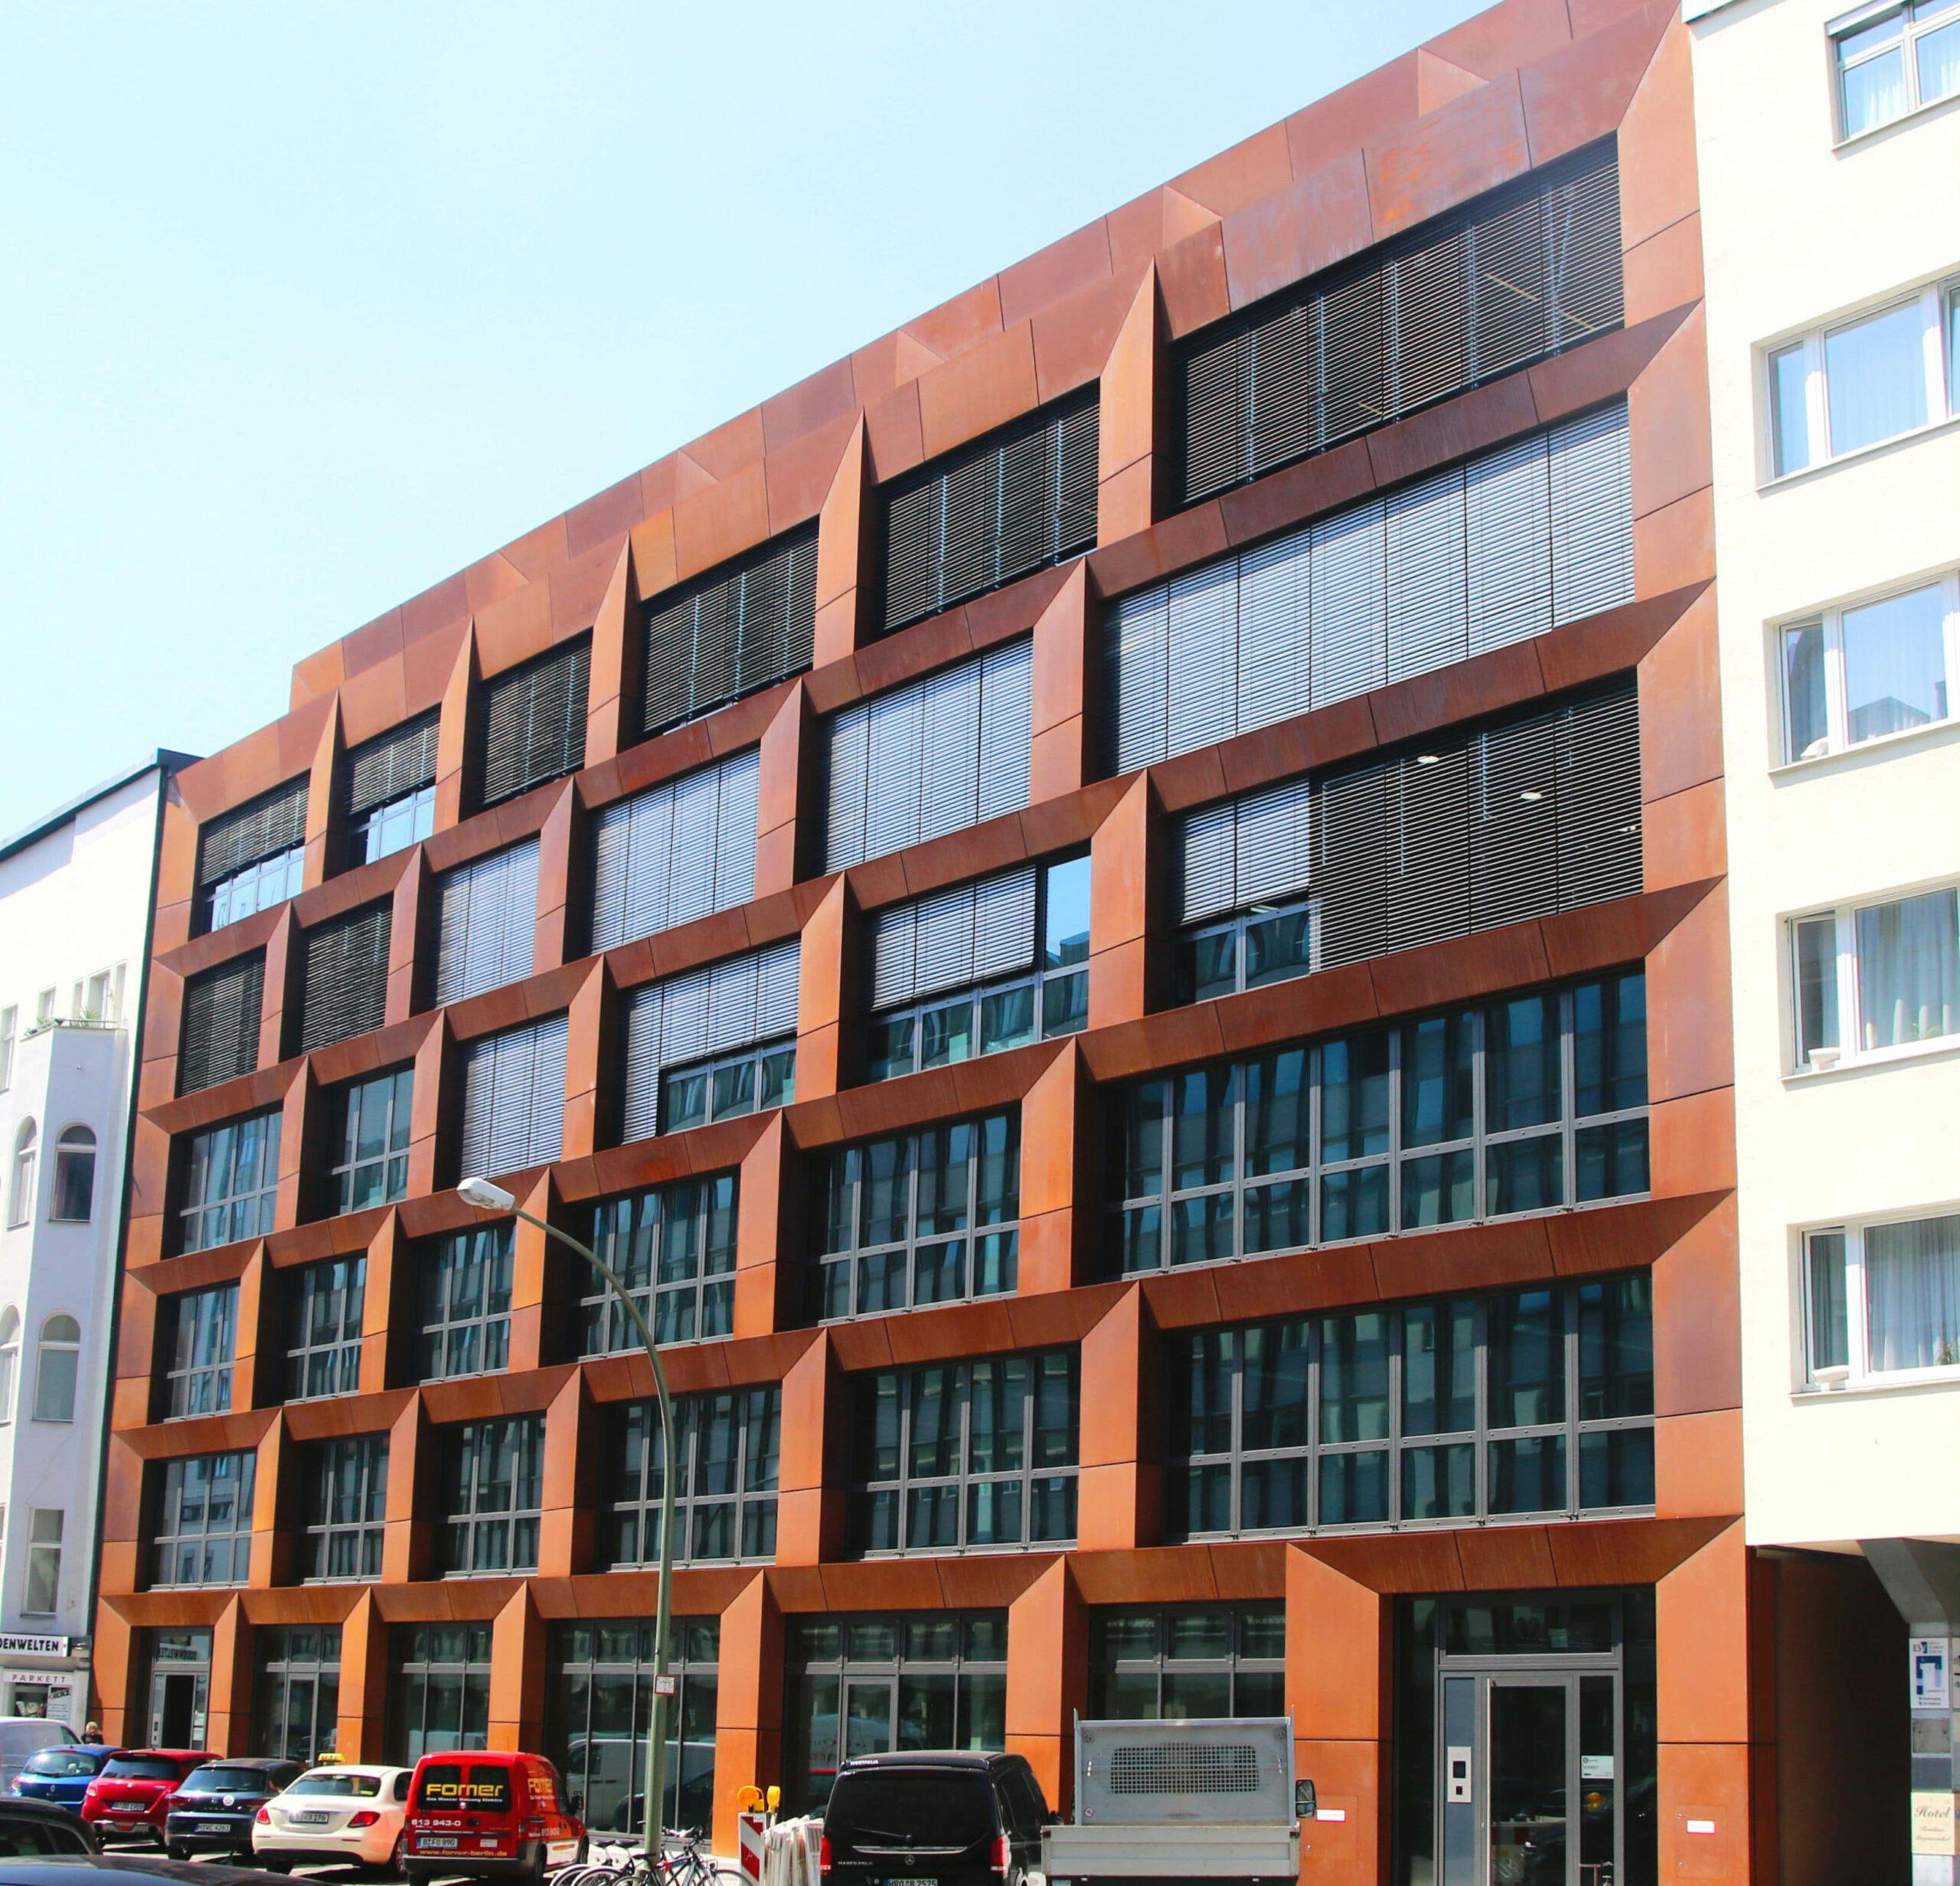 Wohn- un Geschäftshaus Derfflingerstraße in Berlin 01